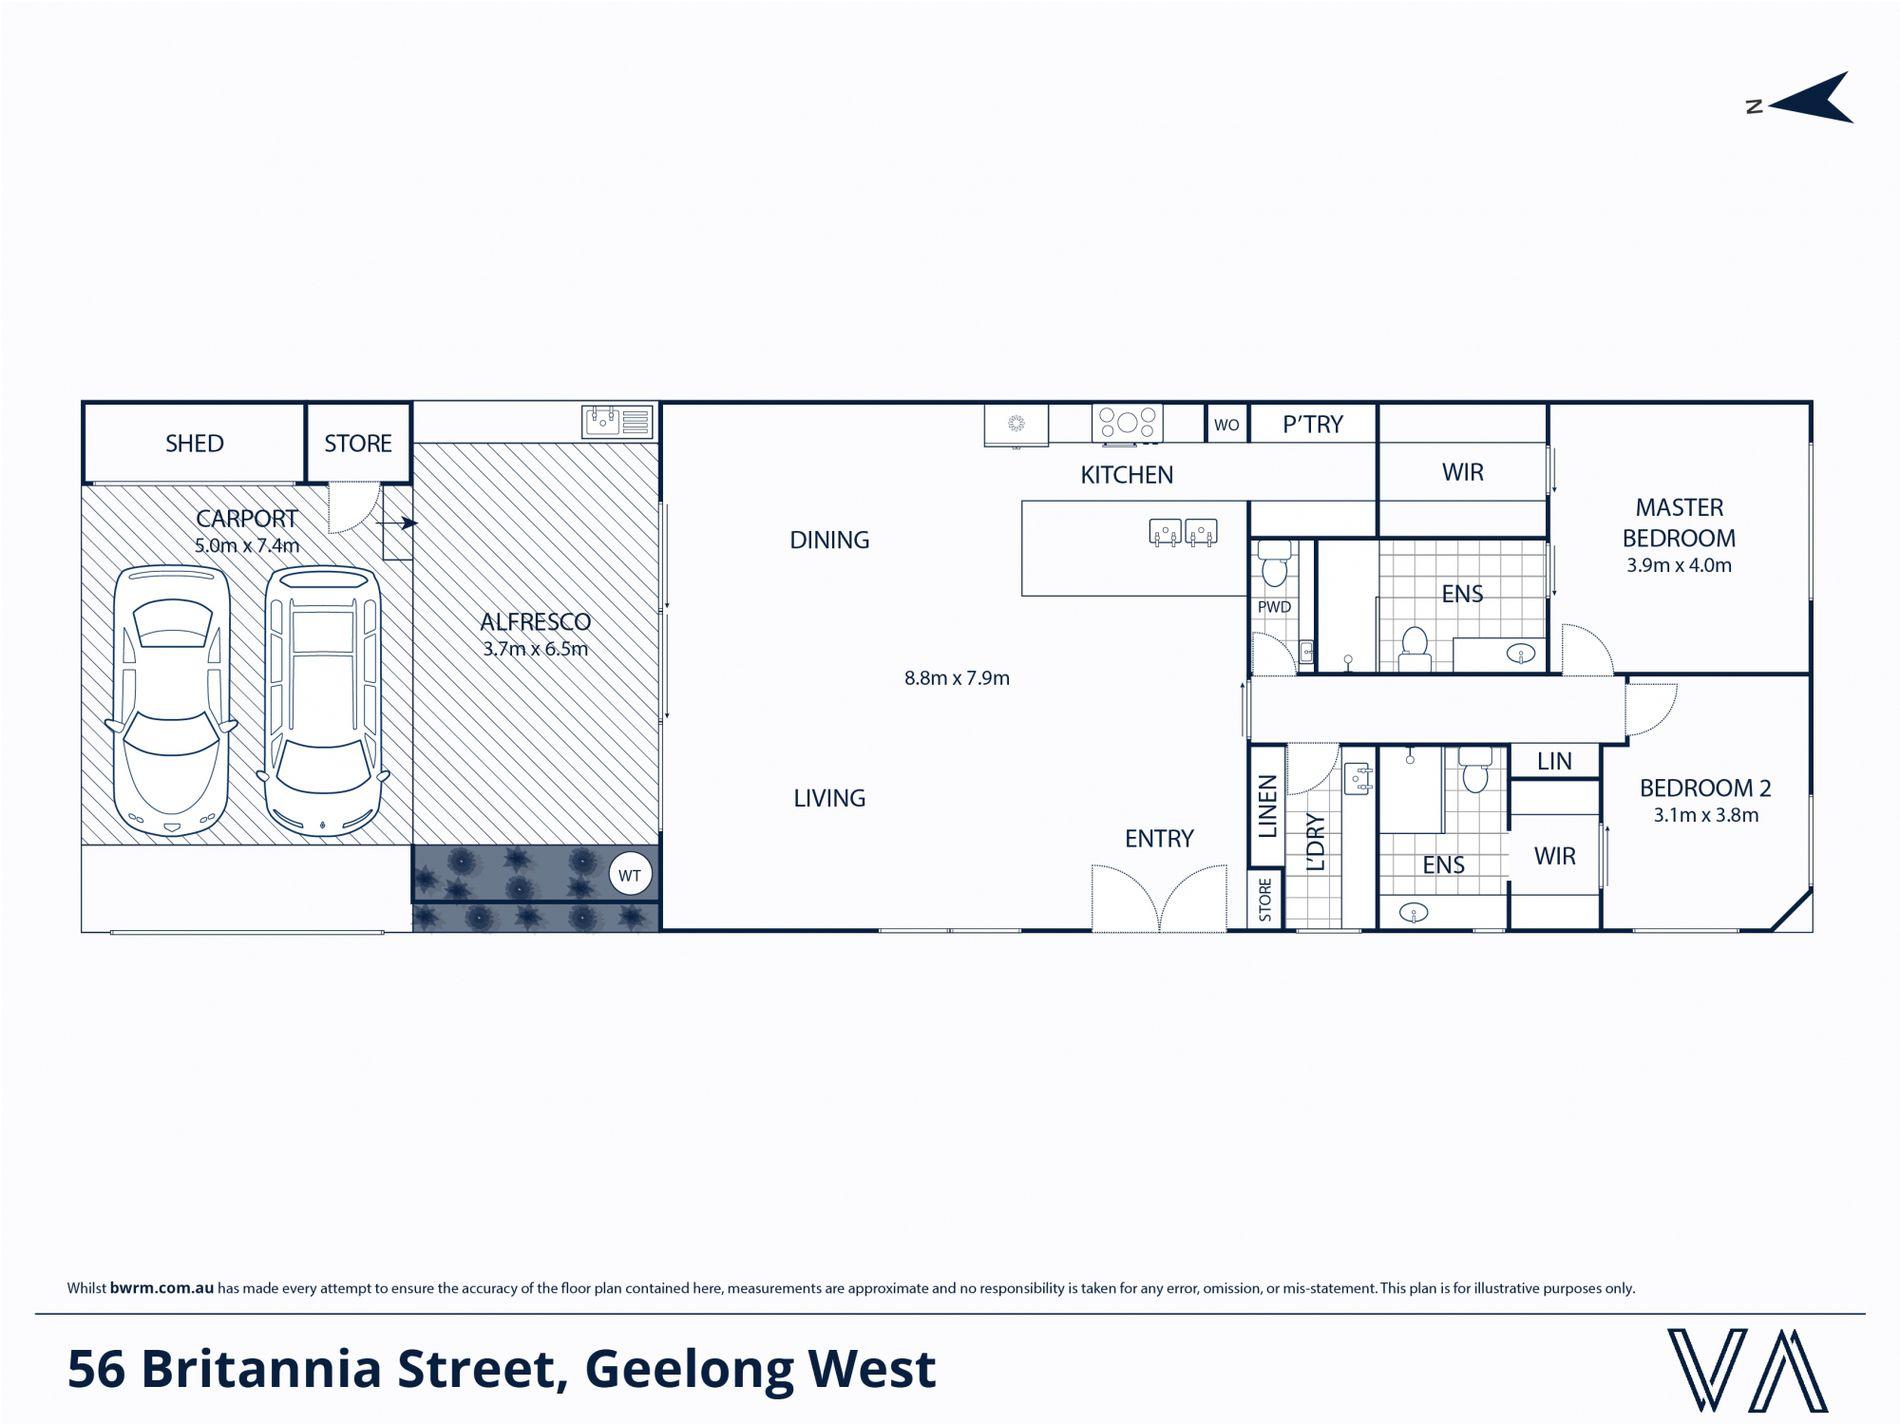 56 Britannia Street, Geelong West